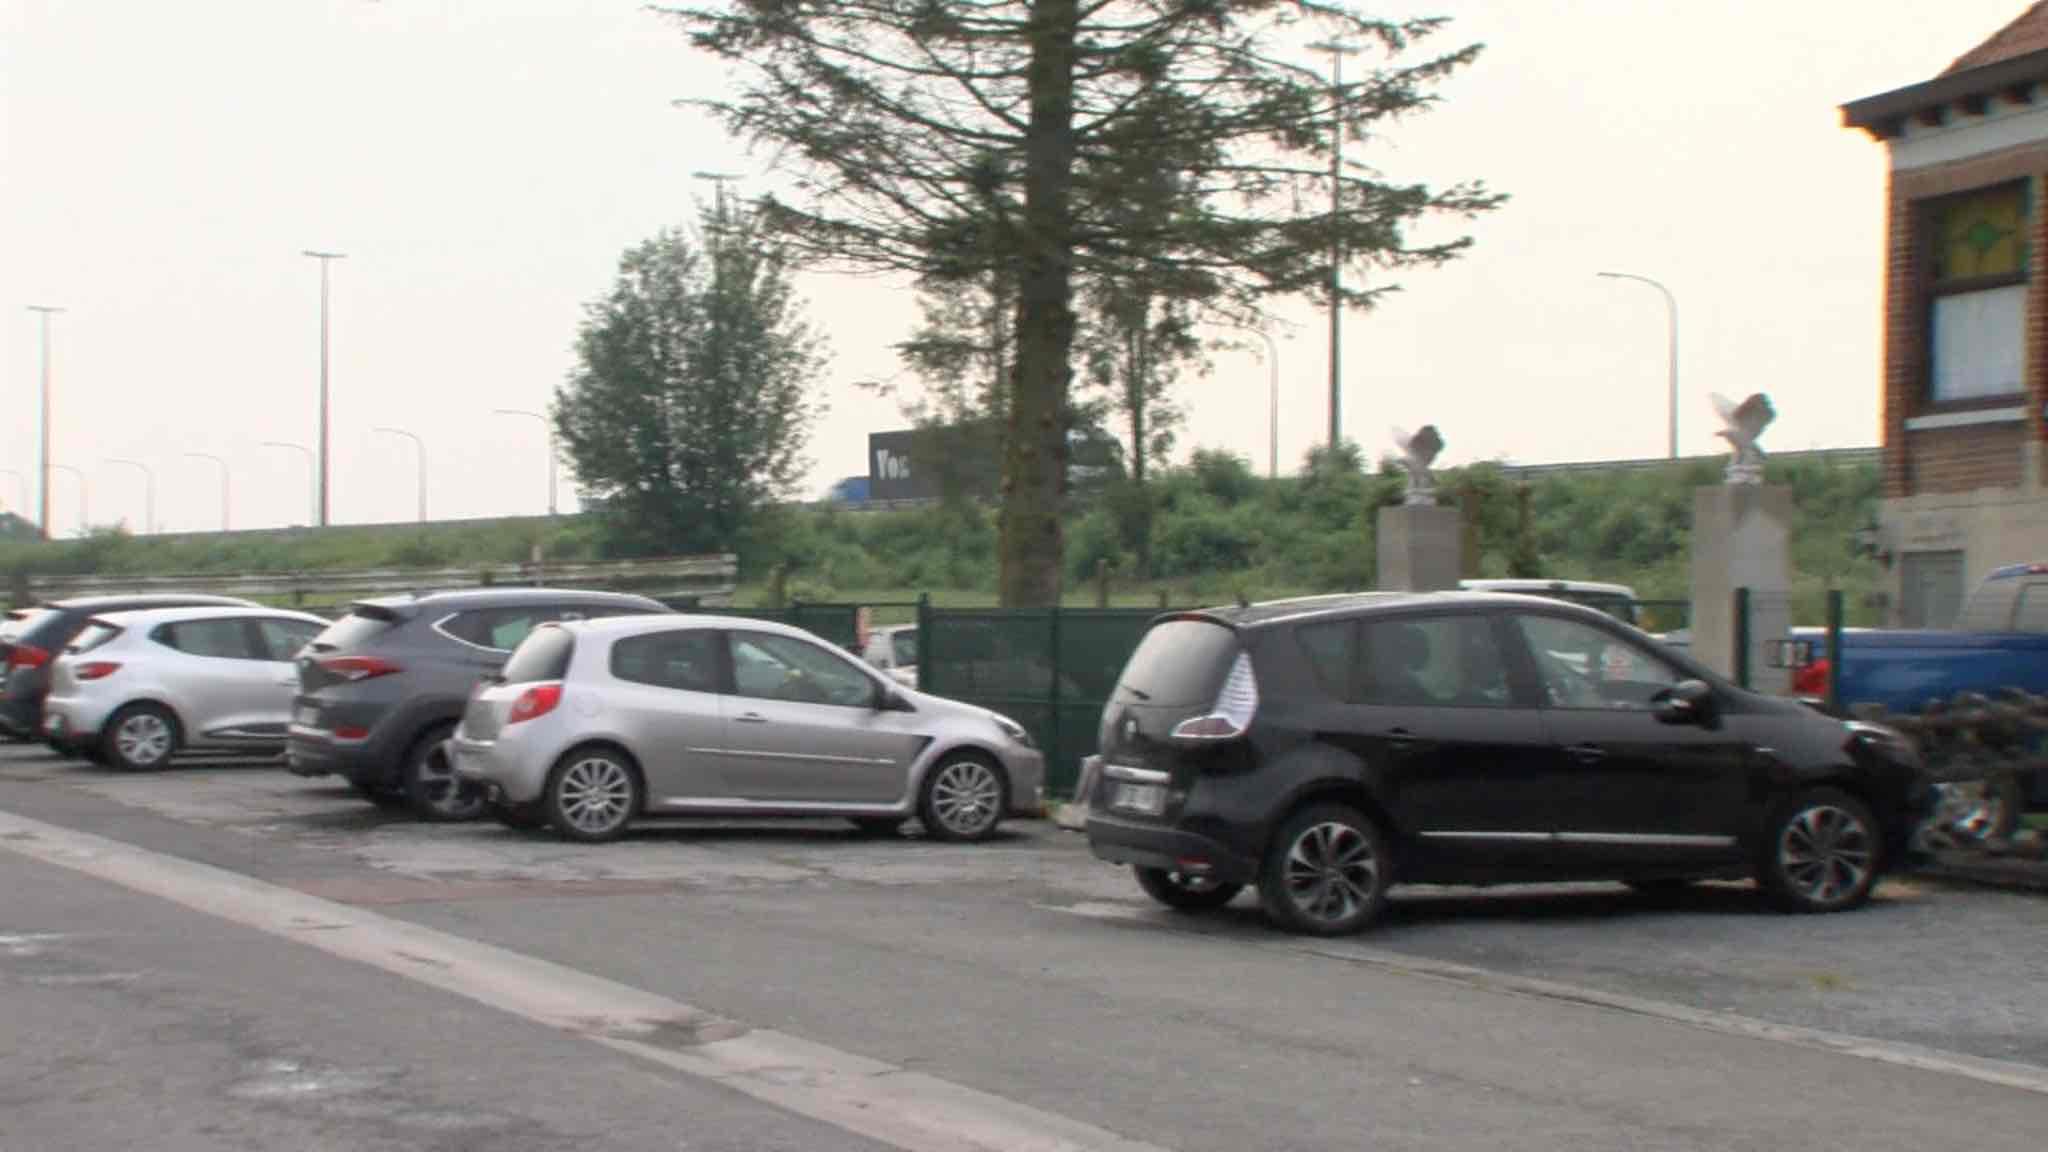 Hertain et Lamain subissent de plein fouet les nuisances de l'autoroute